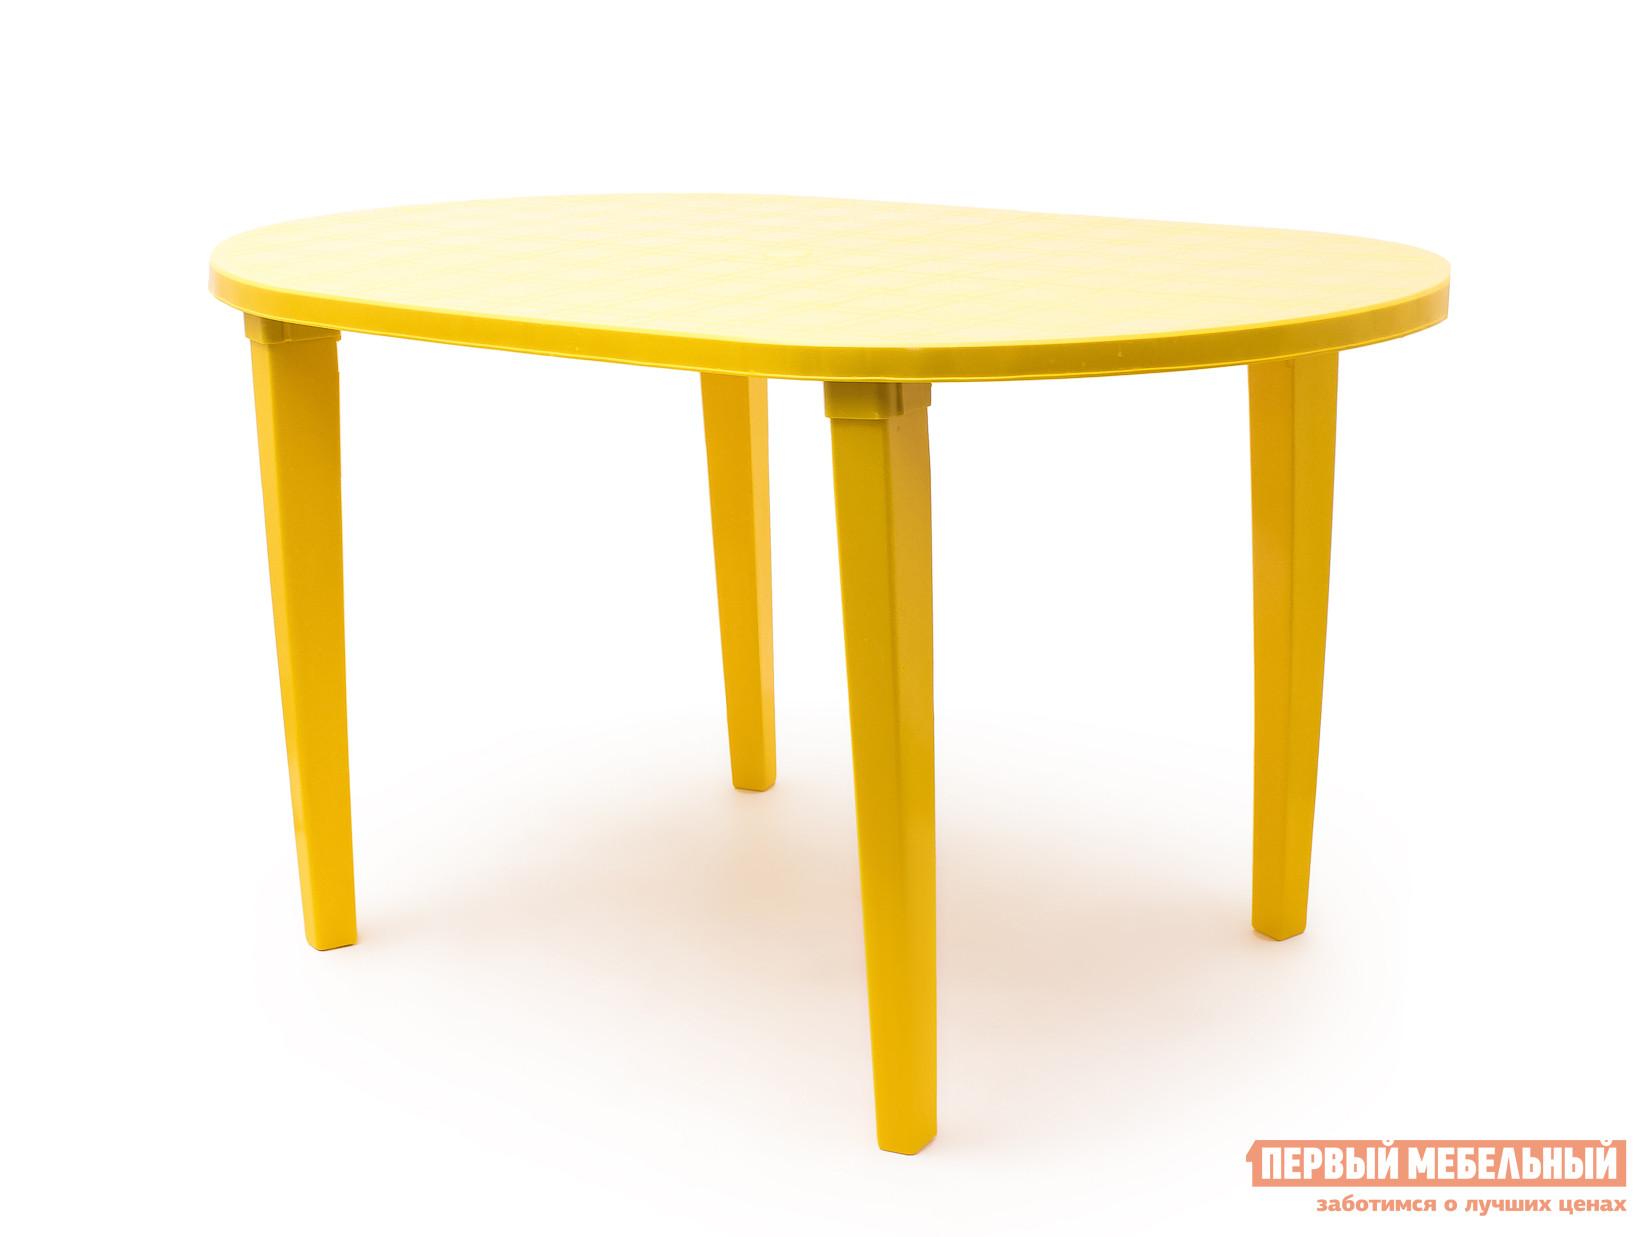 Пластиковый стол Стандарт Пластик Стол овальный (1400х800х710) мм ЖелтыйПластиковые столы<br>Габаритные размеры ВхШхГ 710x1400x800 мм. Овальный пластиковый стол для дачи обладает преимуществами круглого и прямоугольного стола — он вместительный и не содержит острых углов.  Дизайн мебельного изделия разработан так, что его легко сочетать с другой мебелью.    Мебельные изделия из пластика демократичны, хорошо подходят для меблировки дачи, зоны отдыха или летнего кафе.  Пластиковая мебель не боится перепадов температур, повышенной влажности.  Такая мебель станет верным союзником в комфортном и гармоничном отдыхе.<br><br>Цвет: Желтый<br>Высота мм: 710<br>Ширина мм: 1400<br>Глубина мм: 800<br>Кол-во упаковок: 1<br>Форма поставки: В разобранном виде<br>Срок гарантии: 1 год<br>Форма: Овальные<br>Размер: Большие